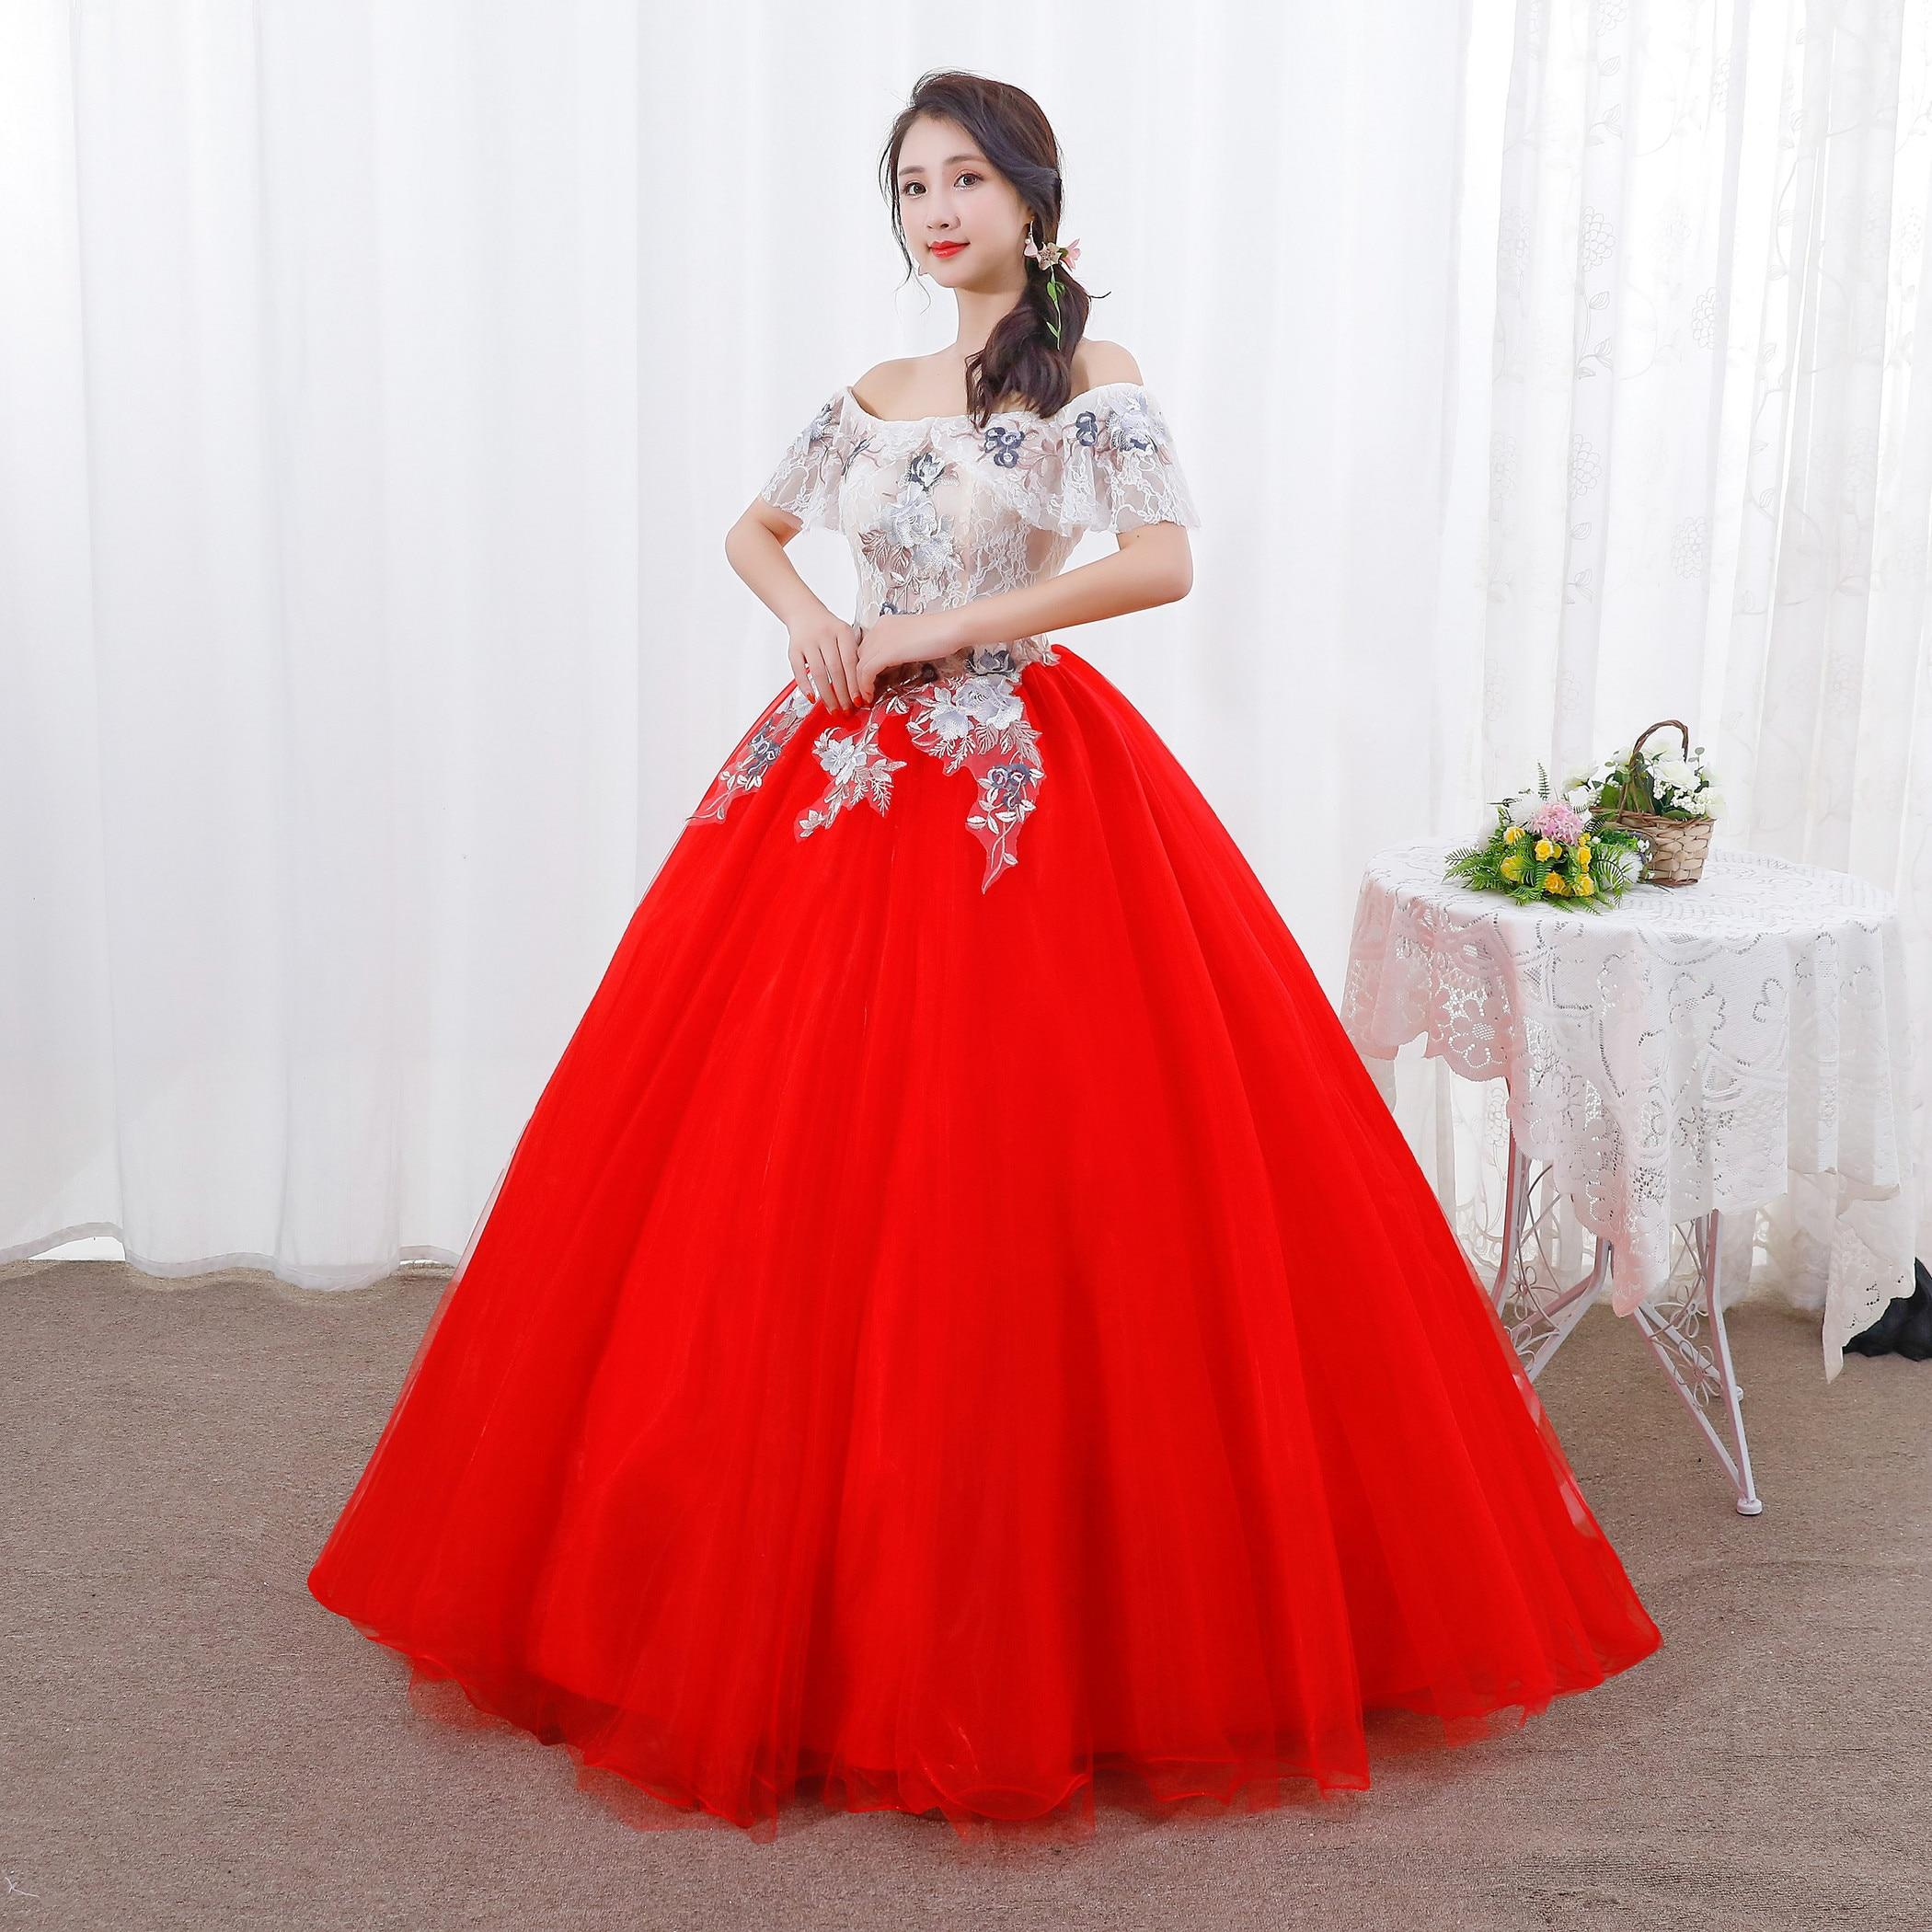 Off The Shoulder New Quinceanera Dresses Appliques Elegant Beautiful Vestidos De Party Prom Formal Floral Quinceanera-jurk